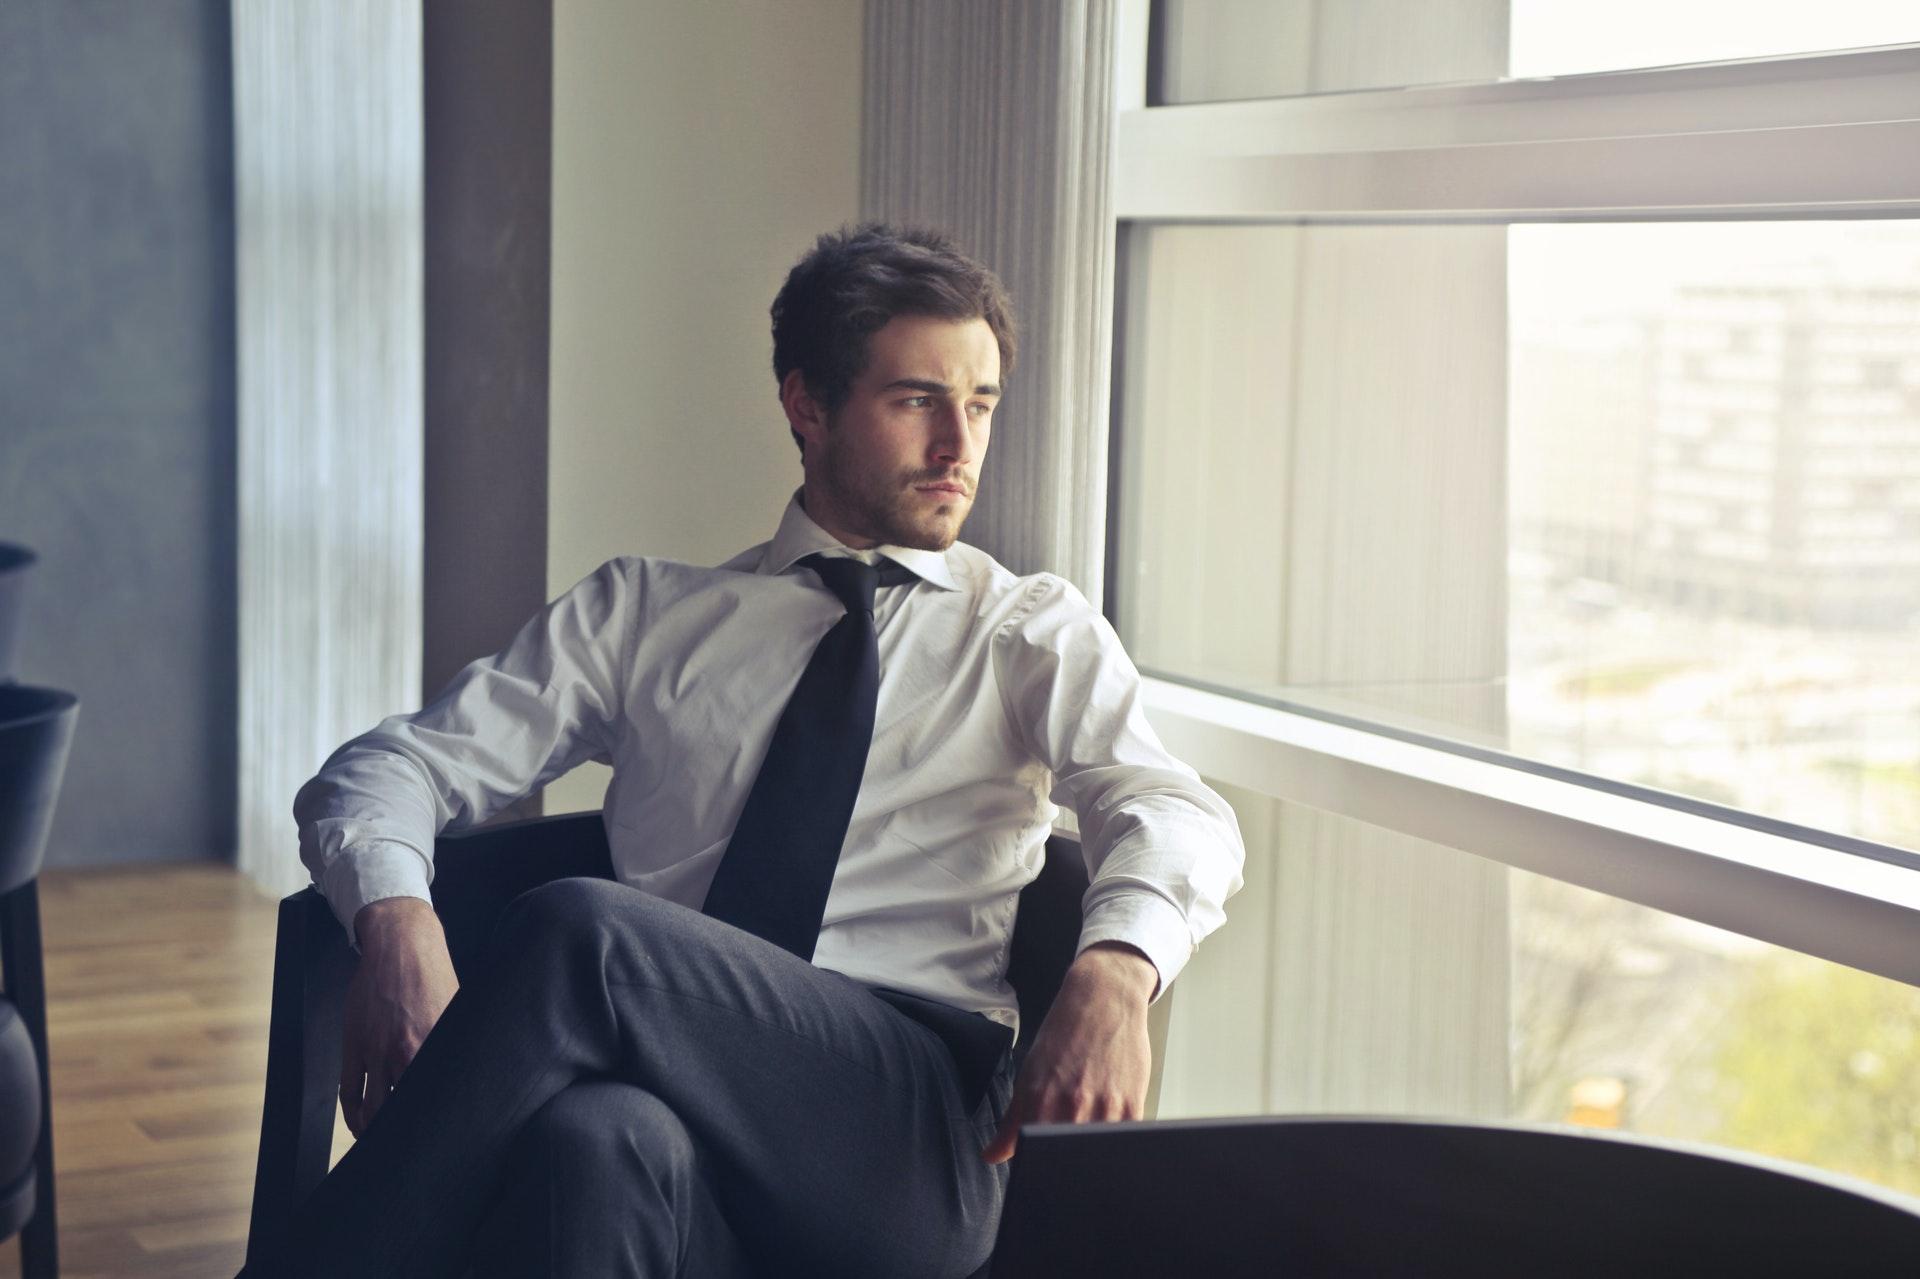 Imagem de um empresário ao lado de uma janela olhando para fora. Imagem ilustrativa texto mvp de franquia.